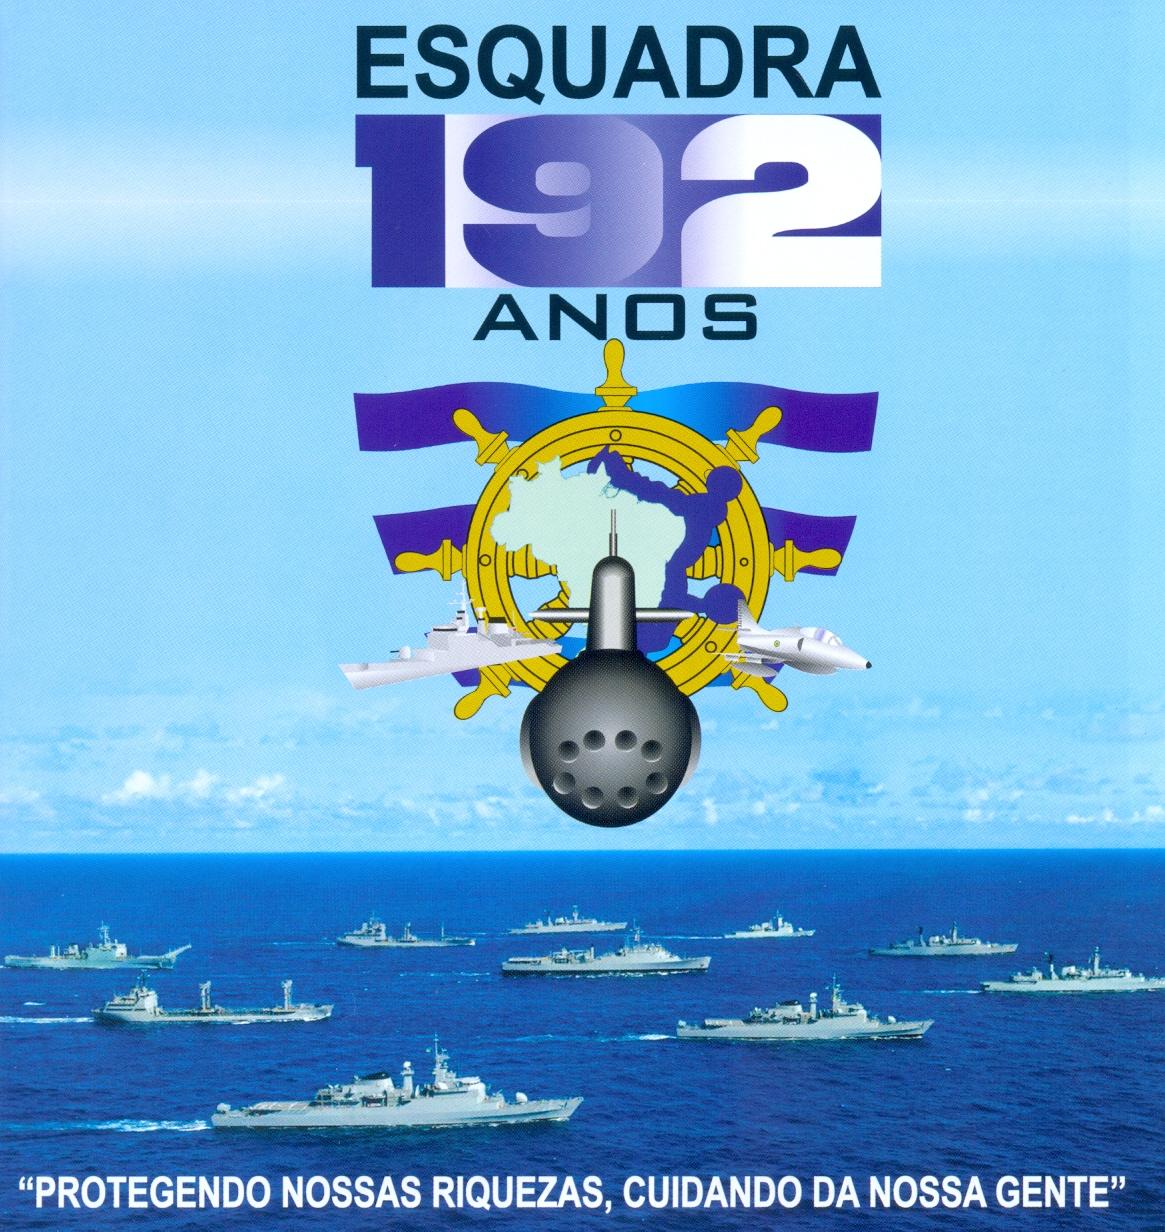 """Marinha do Brasil (MB): """"192 Anos da Esquadra Brasileira"""""""